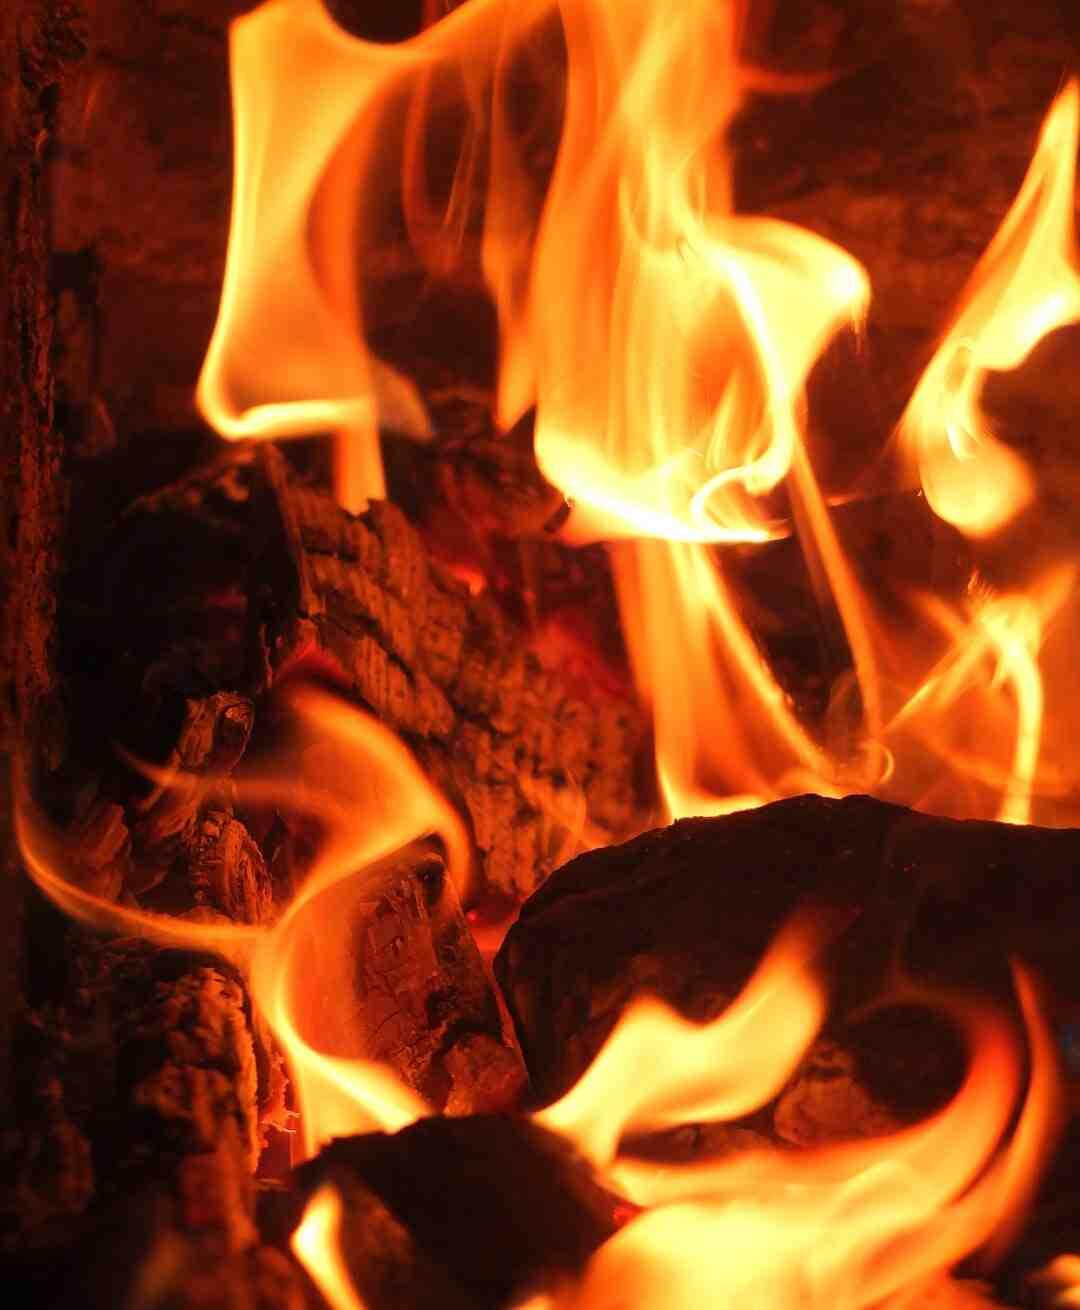 Poele a bois dans cheminée